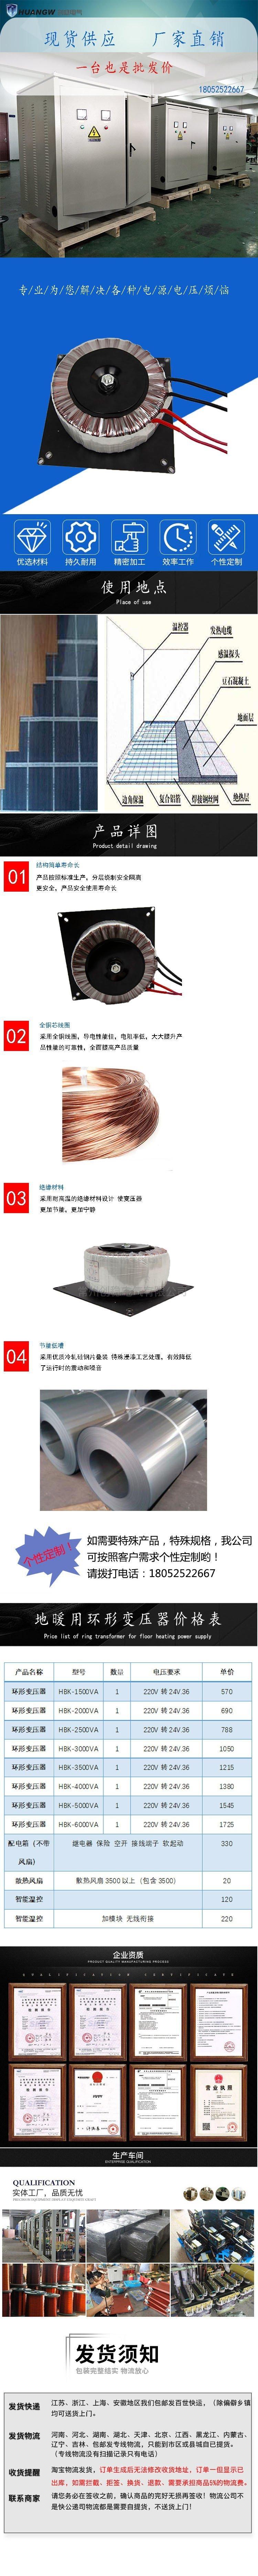 地暖变压器6